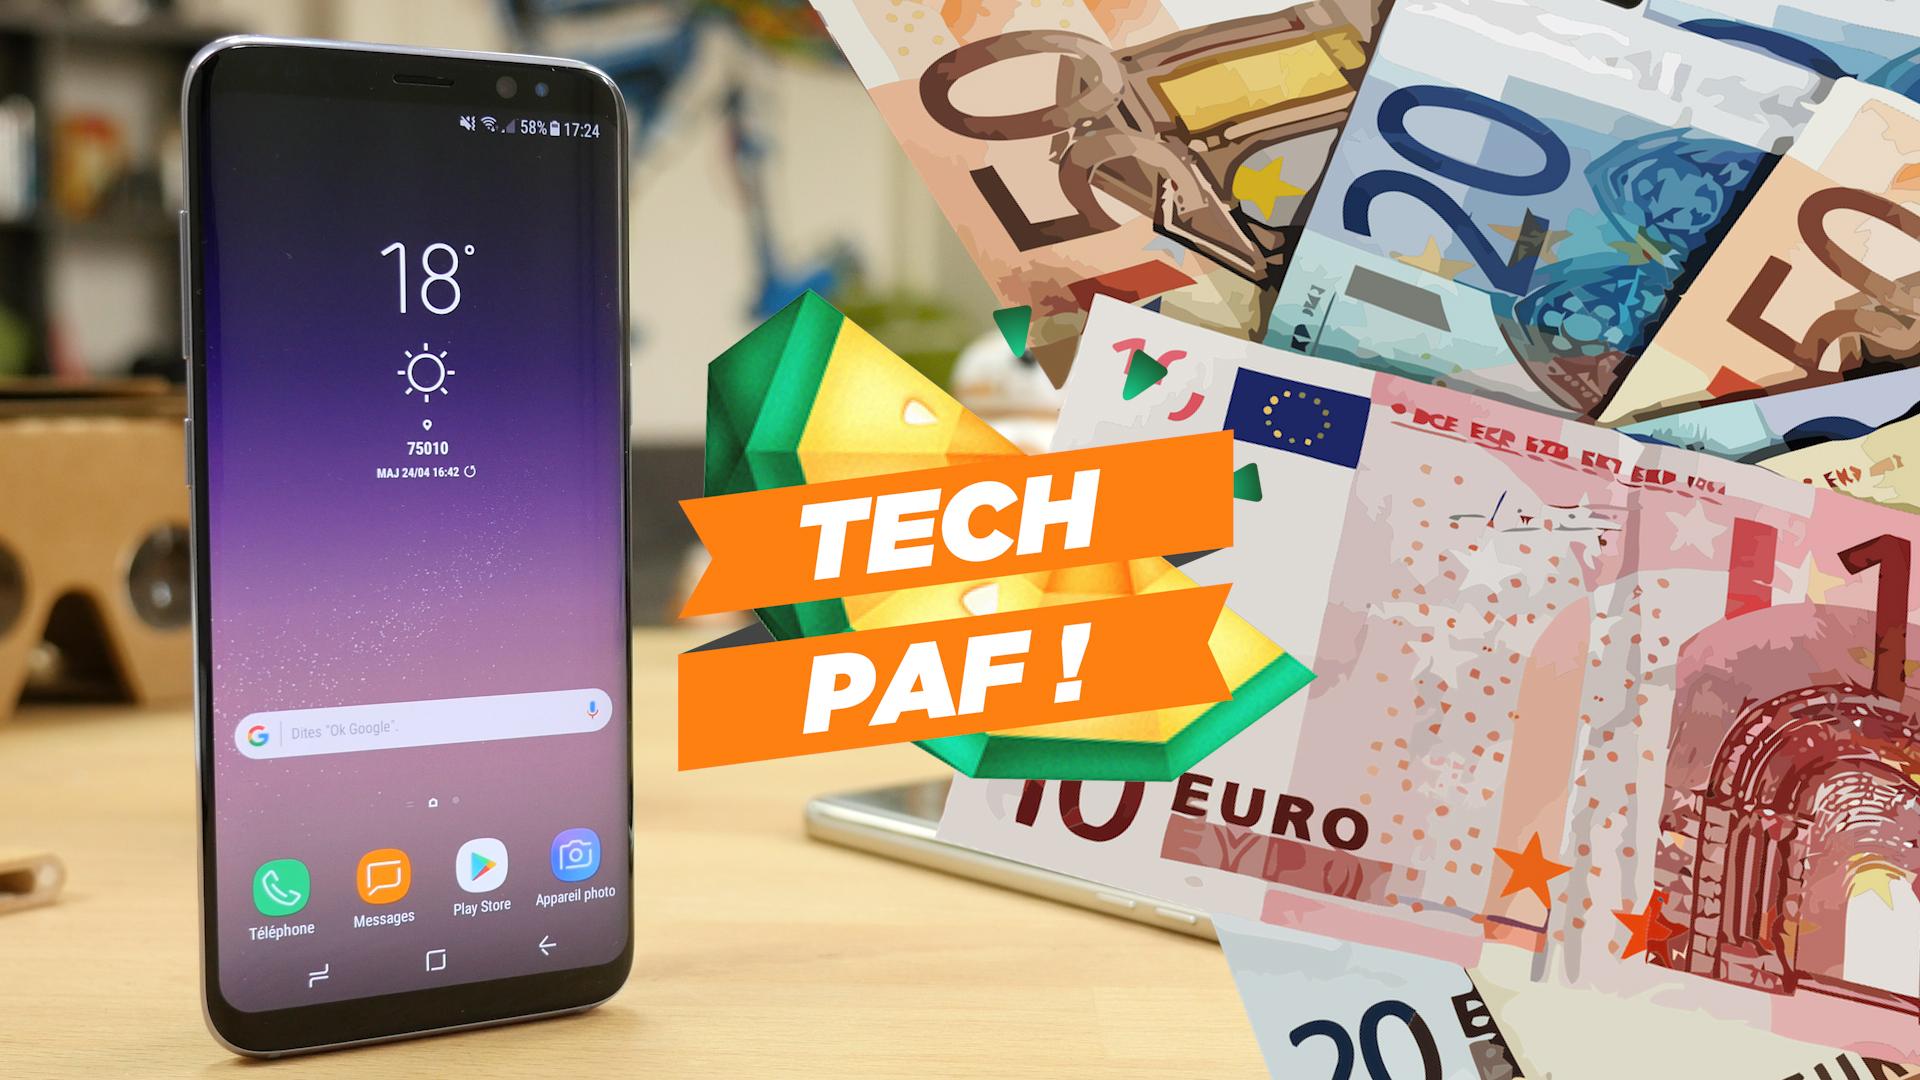 Les smartphones d'aujourd'hui sont-ils réellement plus chers qu'avant ? – Tech'PAF #11